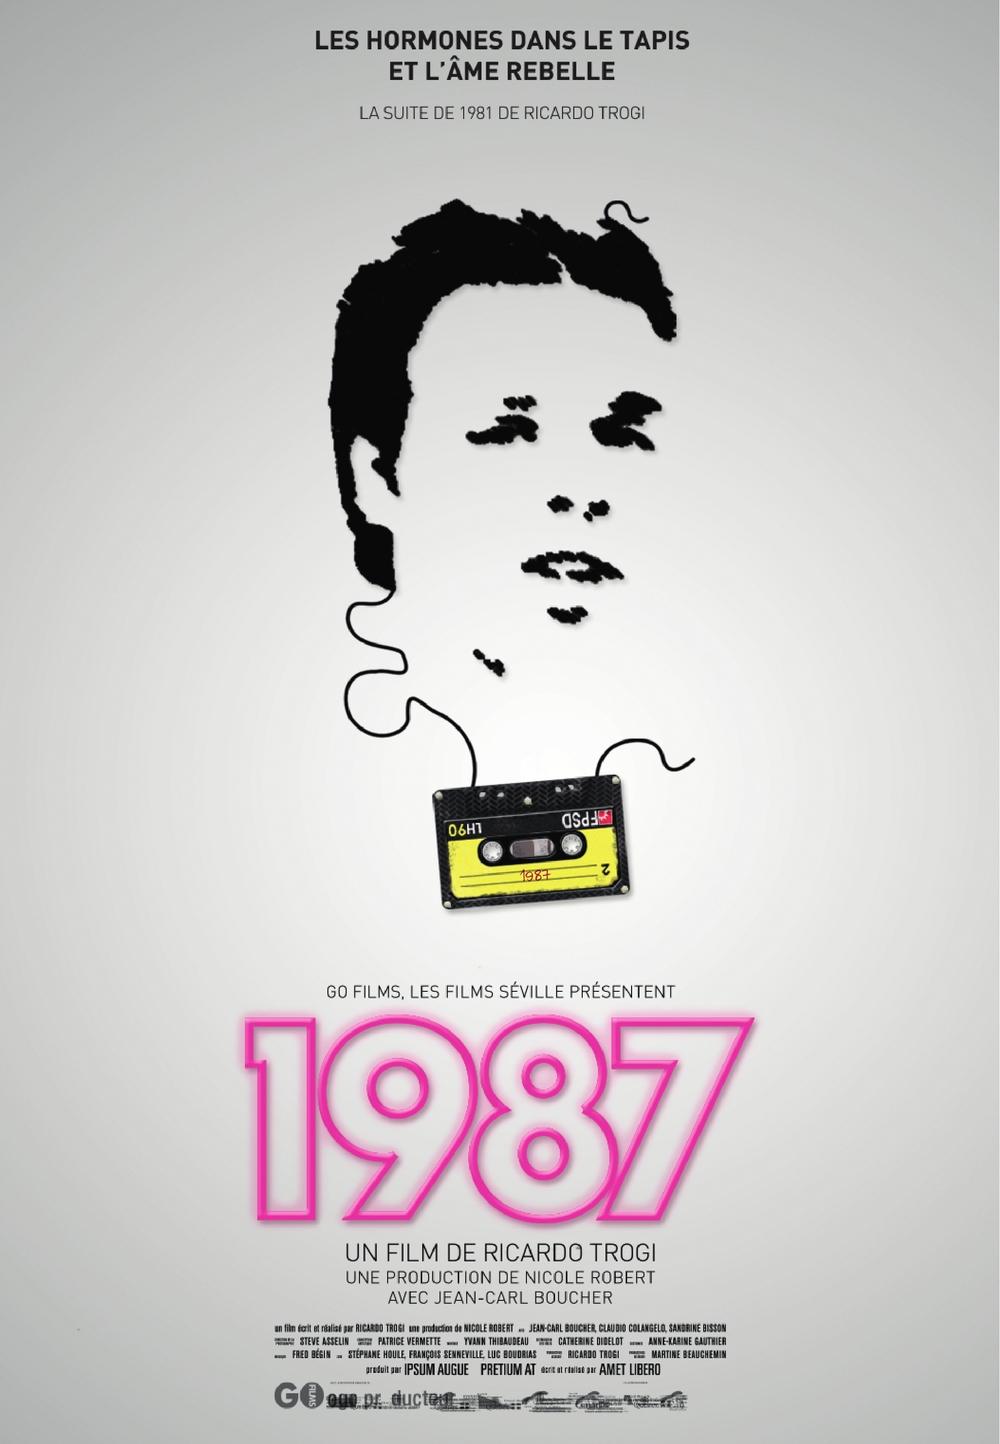 1987-poster-17avril-RENZO_00007.jpg